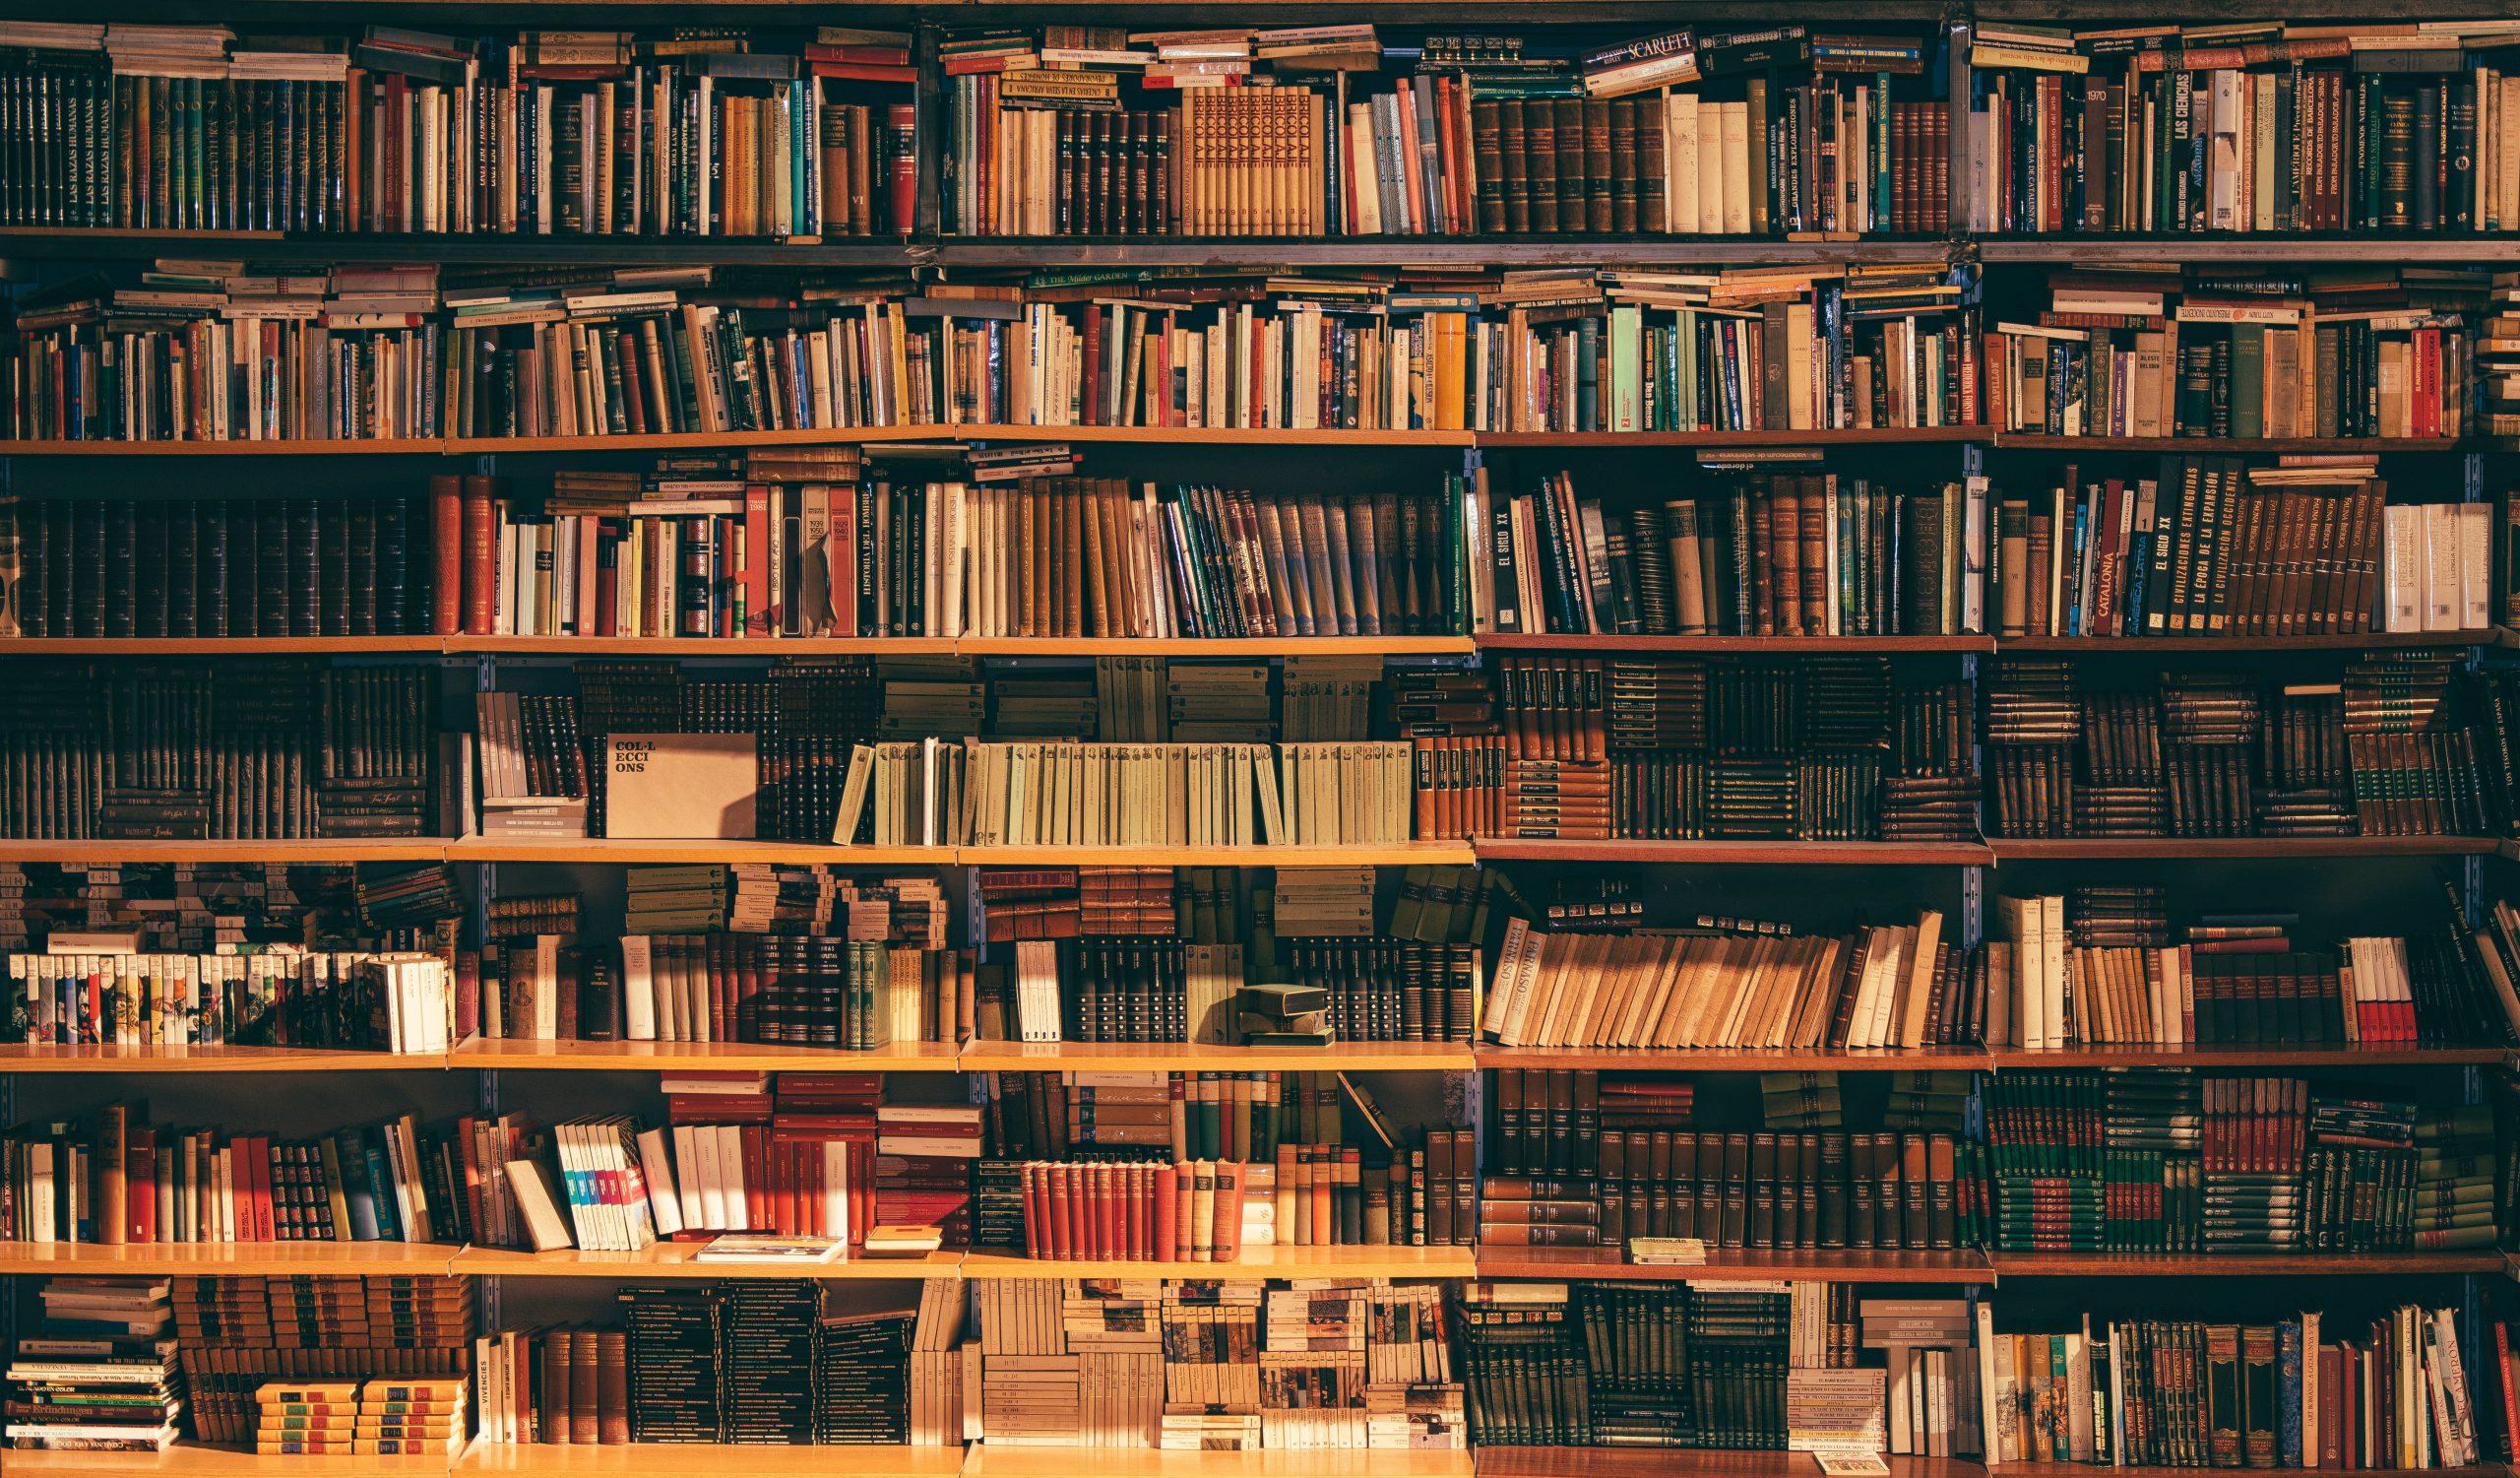 Das Geheimnis um die verschwundenen Bücher | Für Pädagog*innen